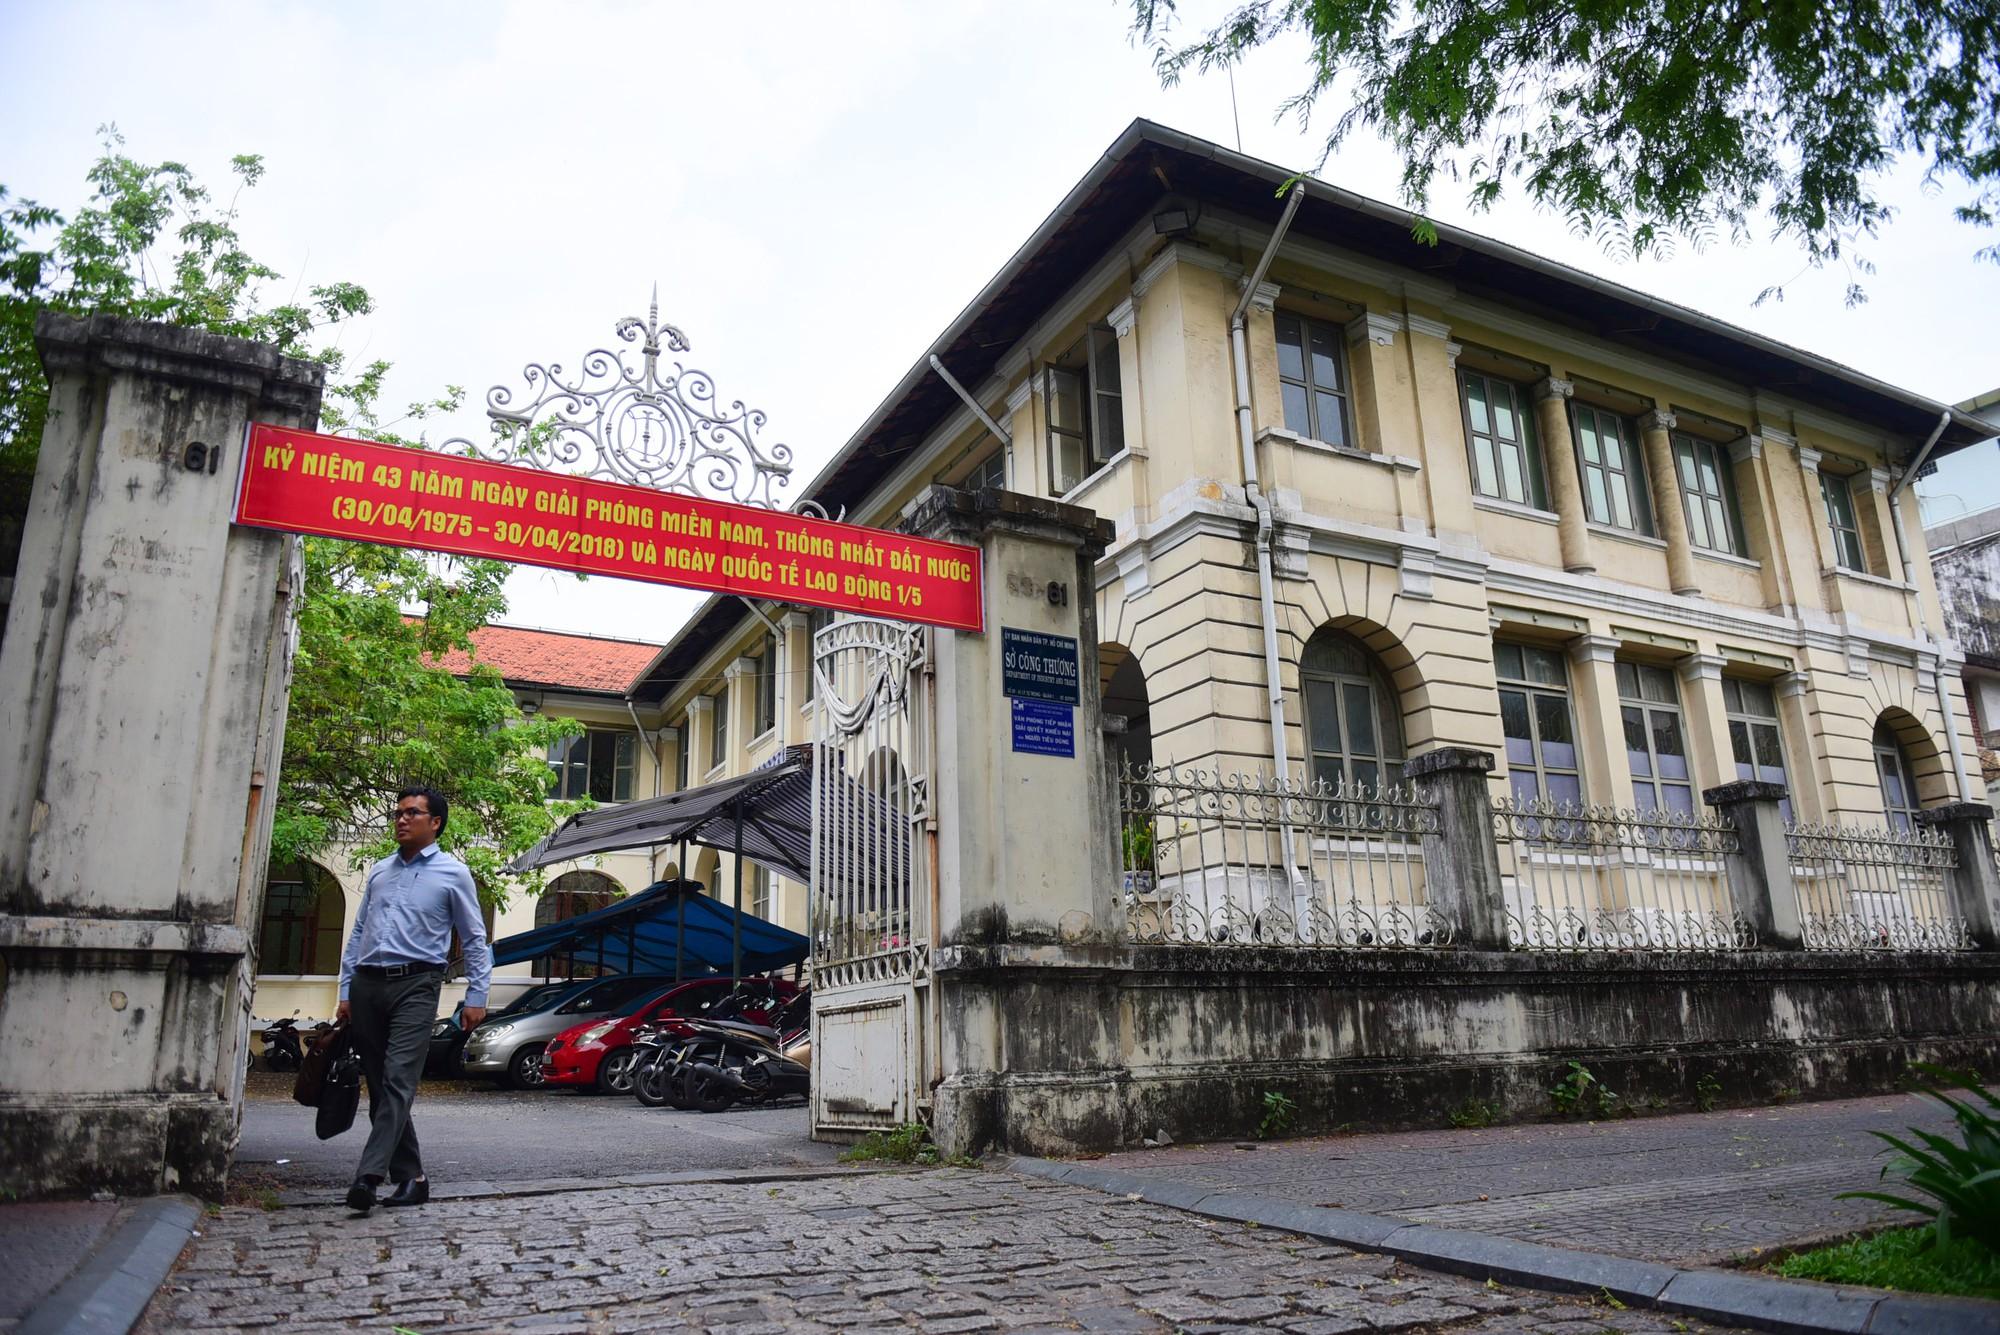 Cận cảnh dinh Thượng Thơ 120 năm tuổi ở Sài Gòn có nguy cơ bị đập bỏ - Ảnh 3.